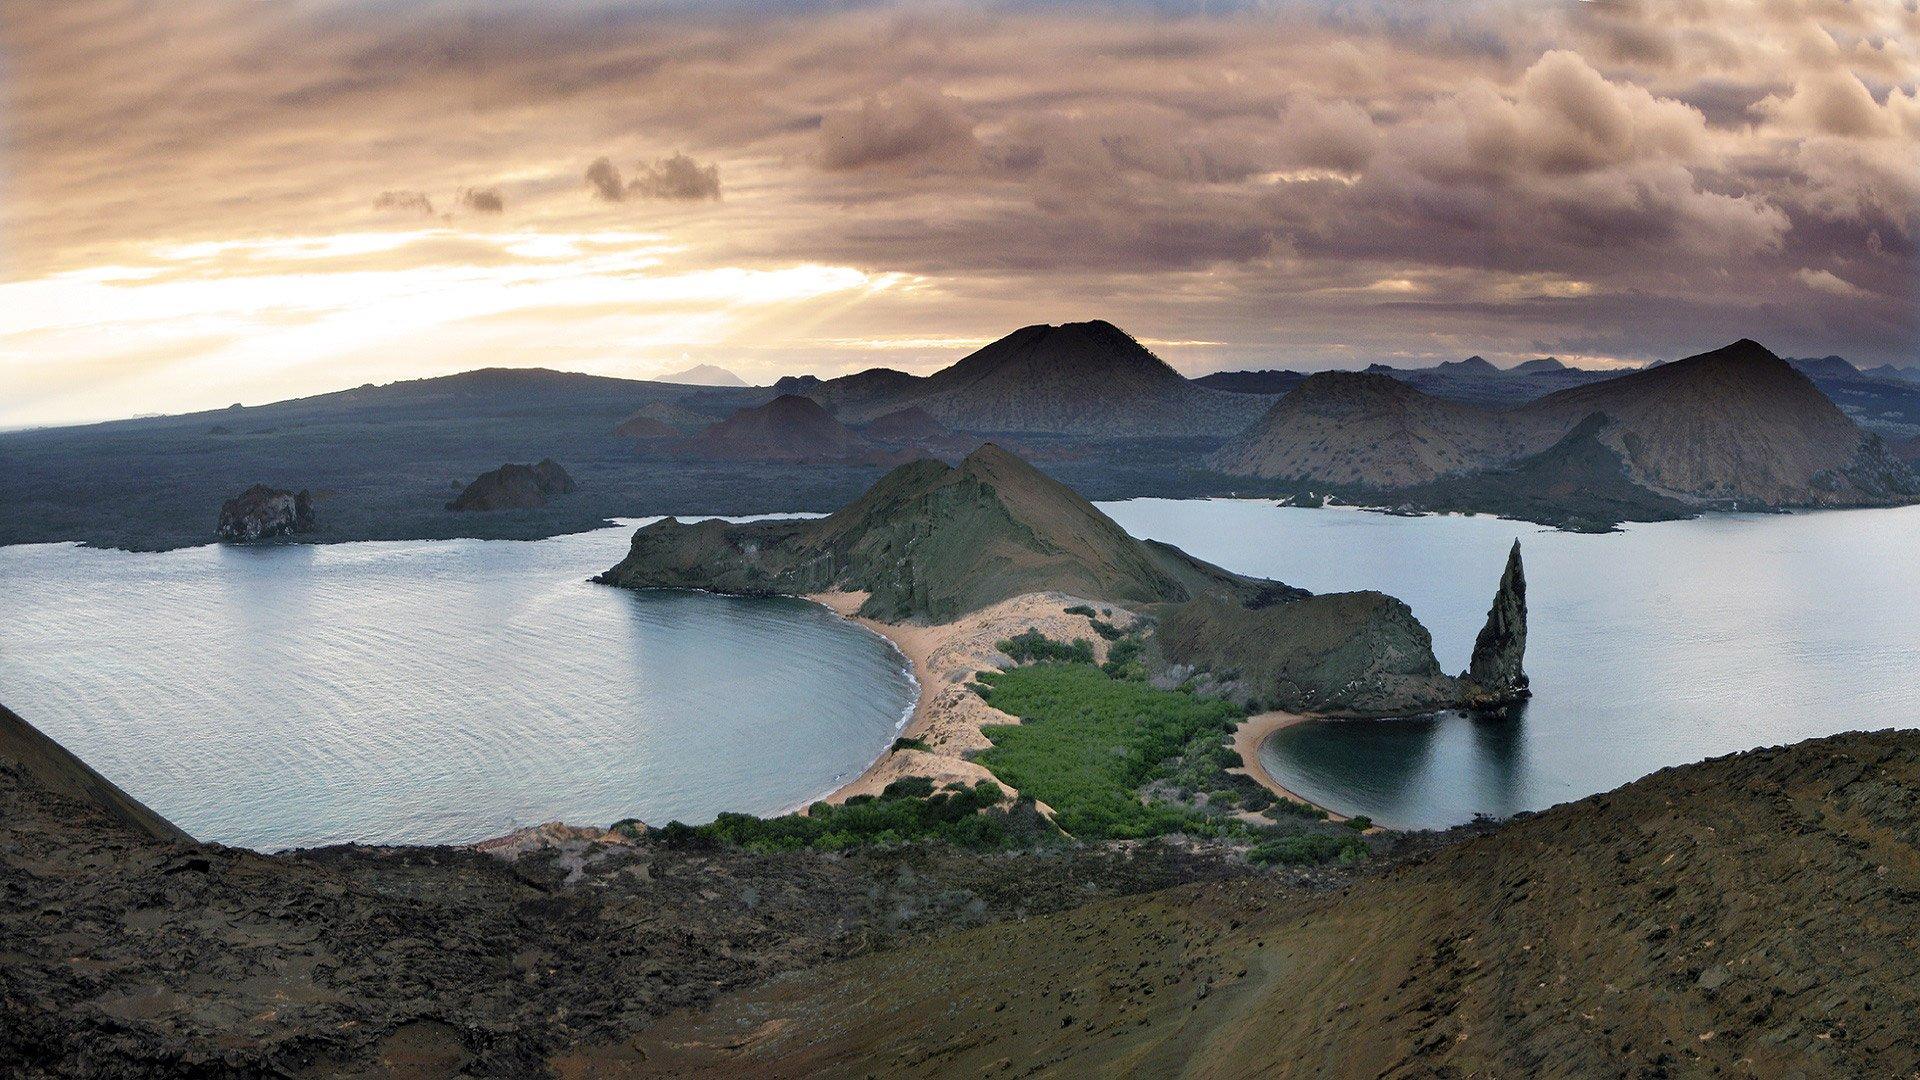 The Best Peru Ecuador And Galapagos Tours